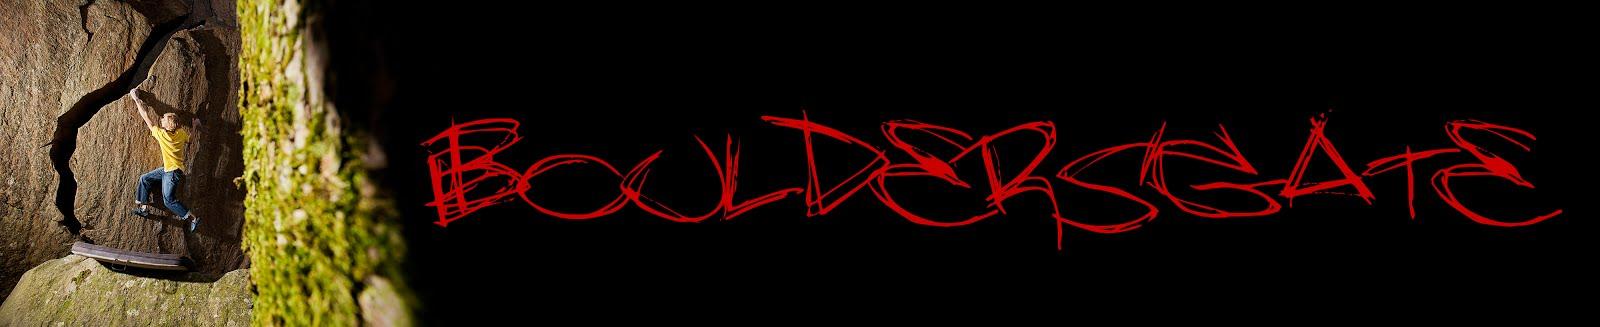 Bouldersgate